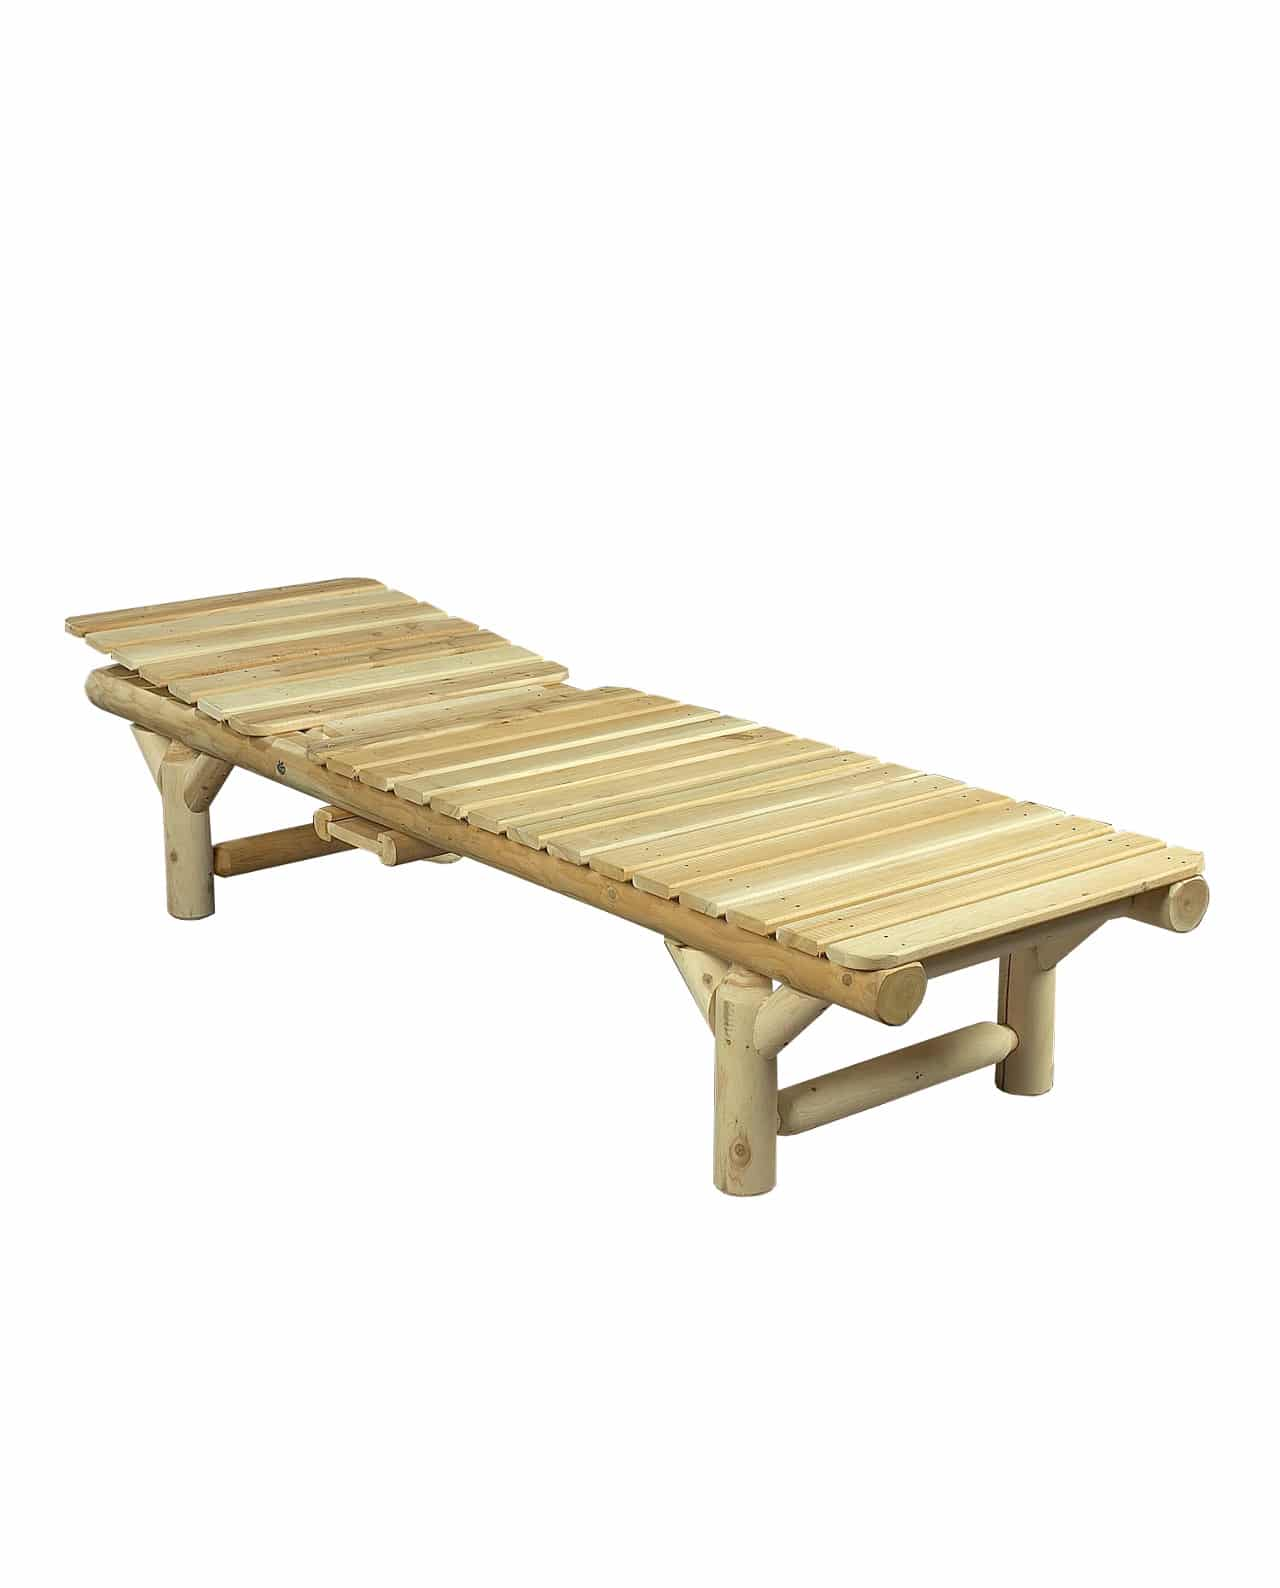 Bain de soleil en bois de c dre blanc c dre rondins for Chaise longue bois exotique